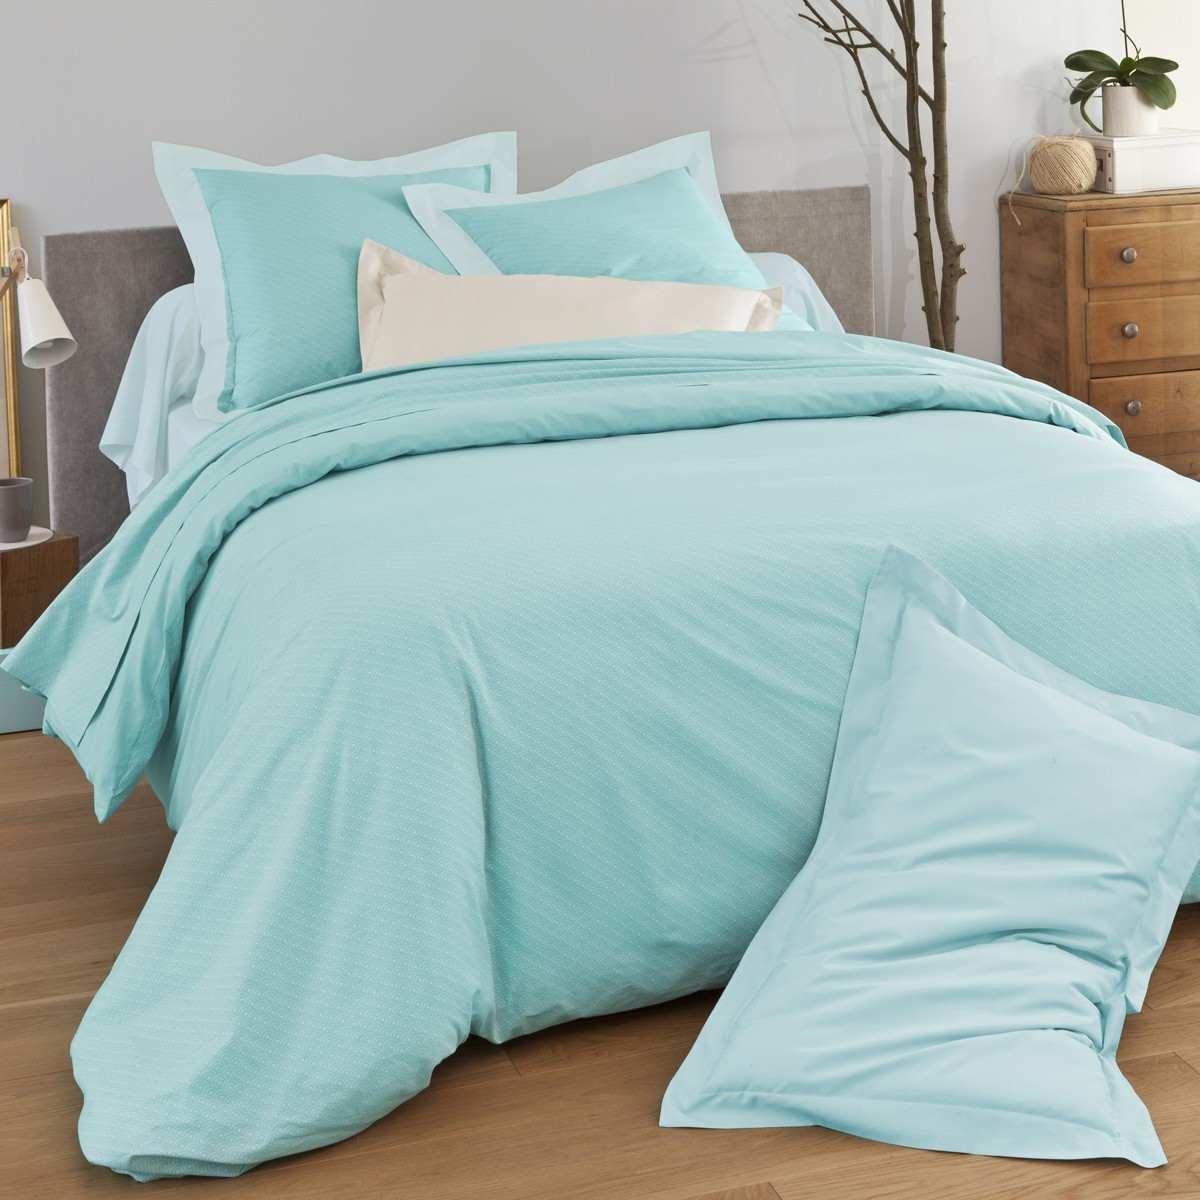 Parure Housse Couette Dream Blue | Linge de lit | Tradition des Vosges